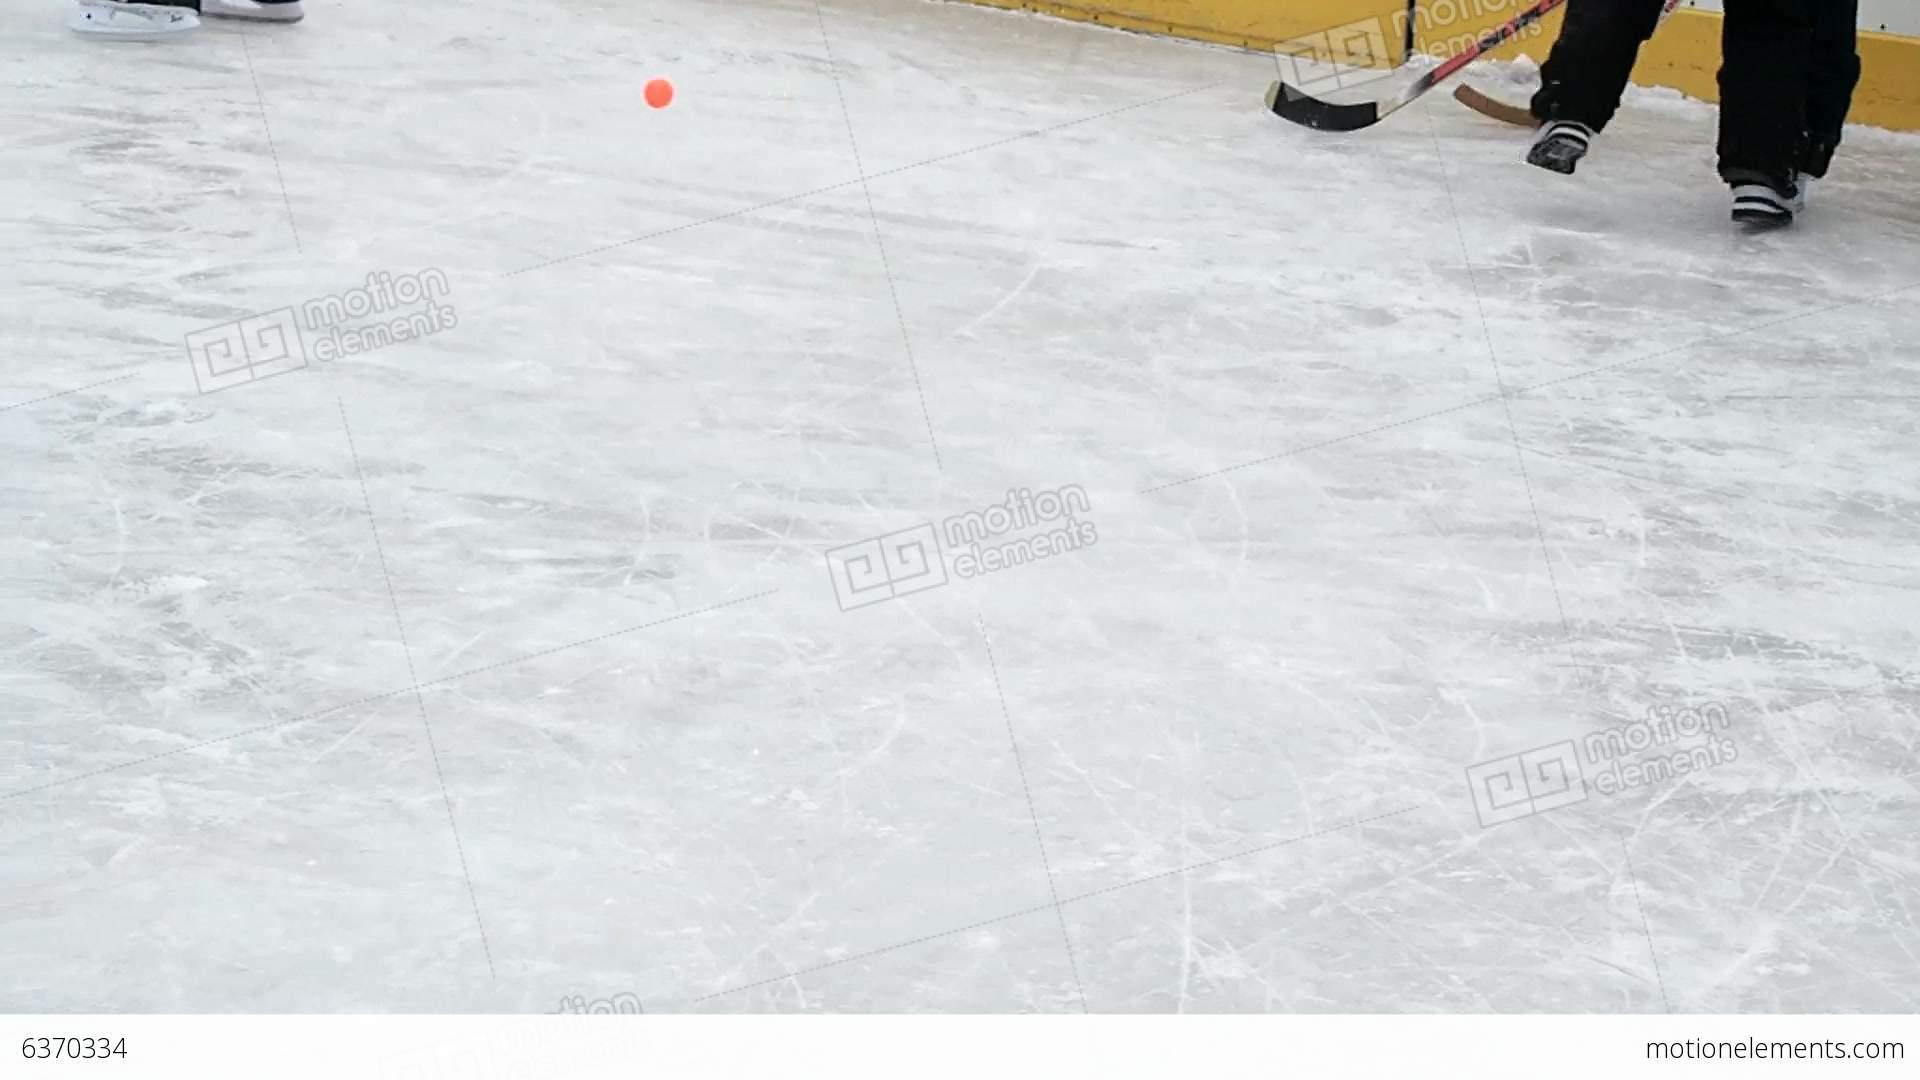 Hockeyshot dryland flooring tiles images green backsplash tile ice hockey floor ourcozycatcottagecom dailygadgetfo Choice Image